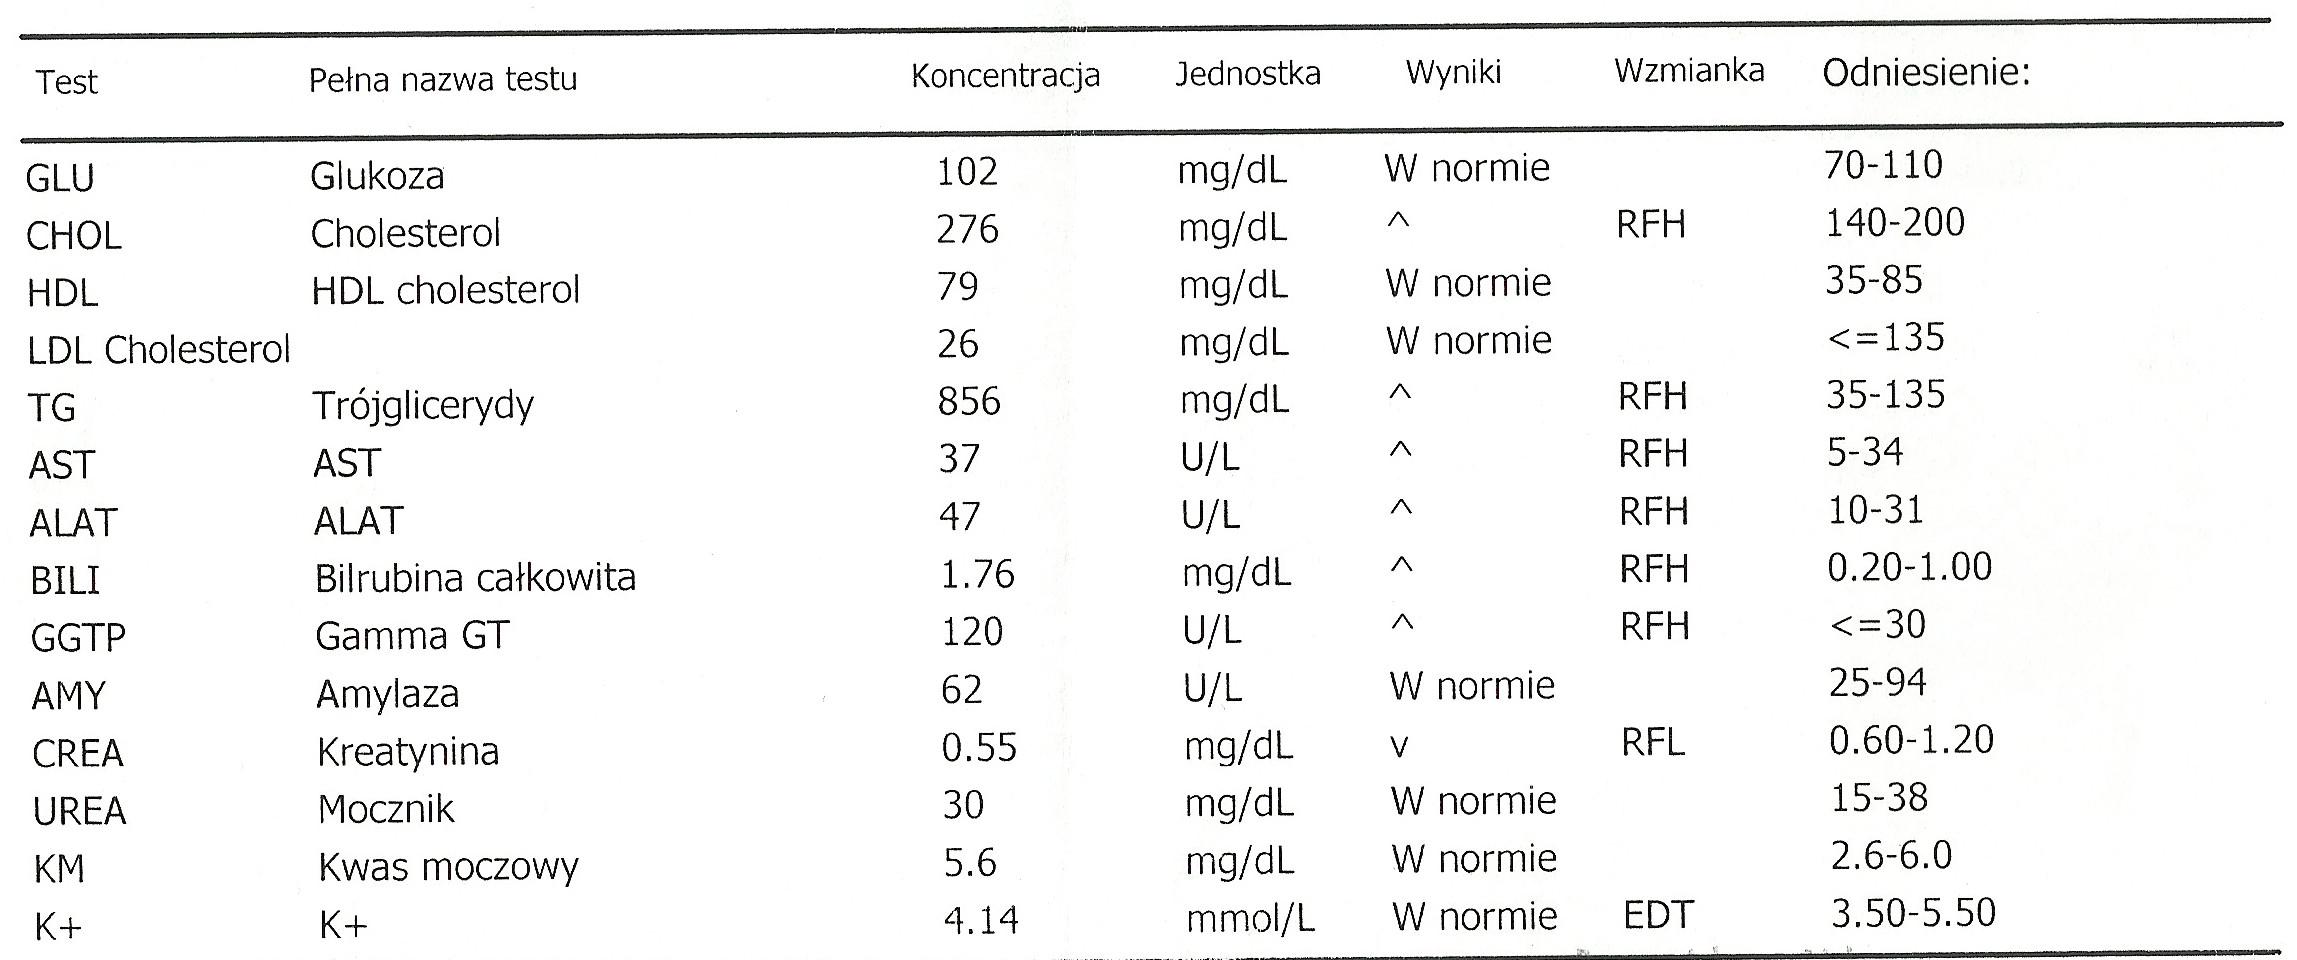 Glodne_pl-Karta informacyjna leczenia szpitalnego w oddziale psychiatrii (anorekcja, bulimia), badania laboratoryjne-4